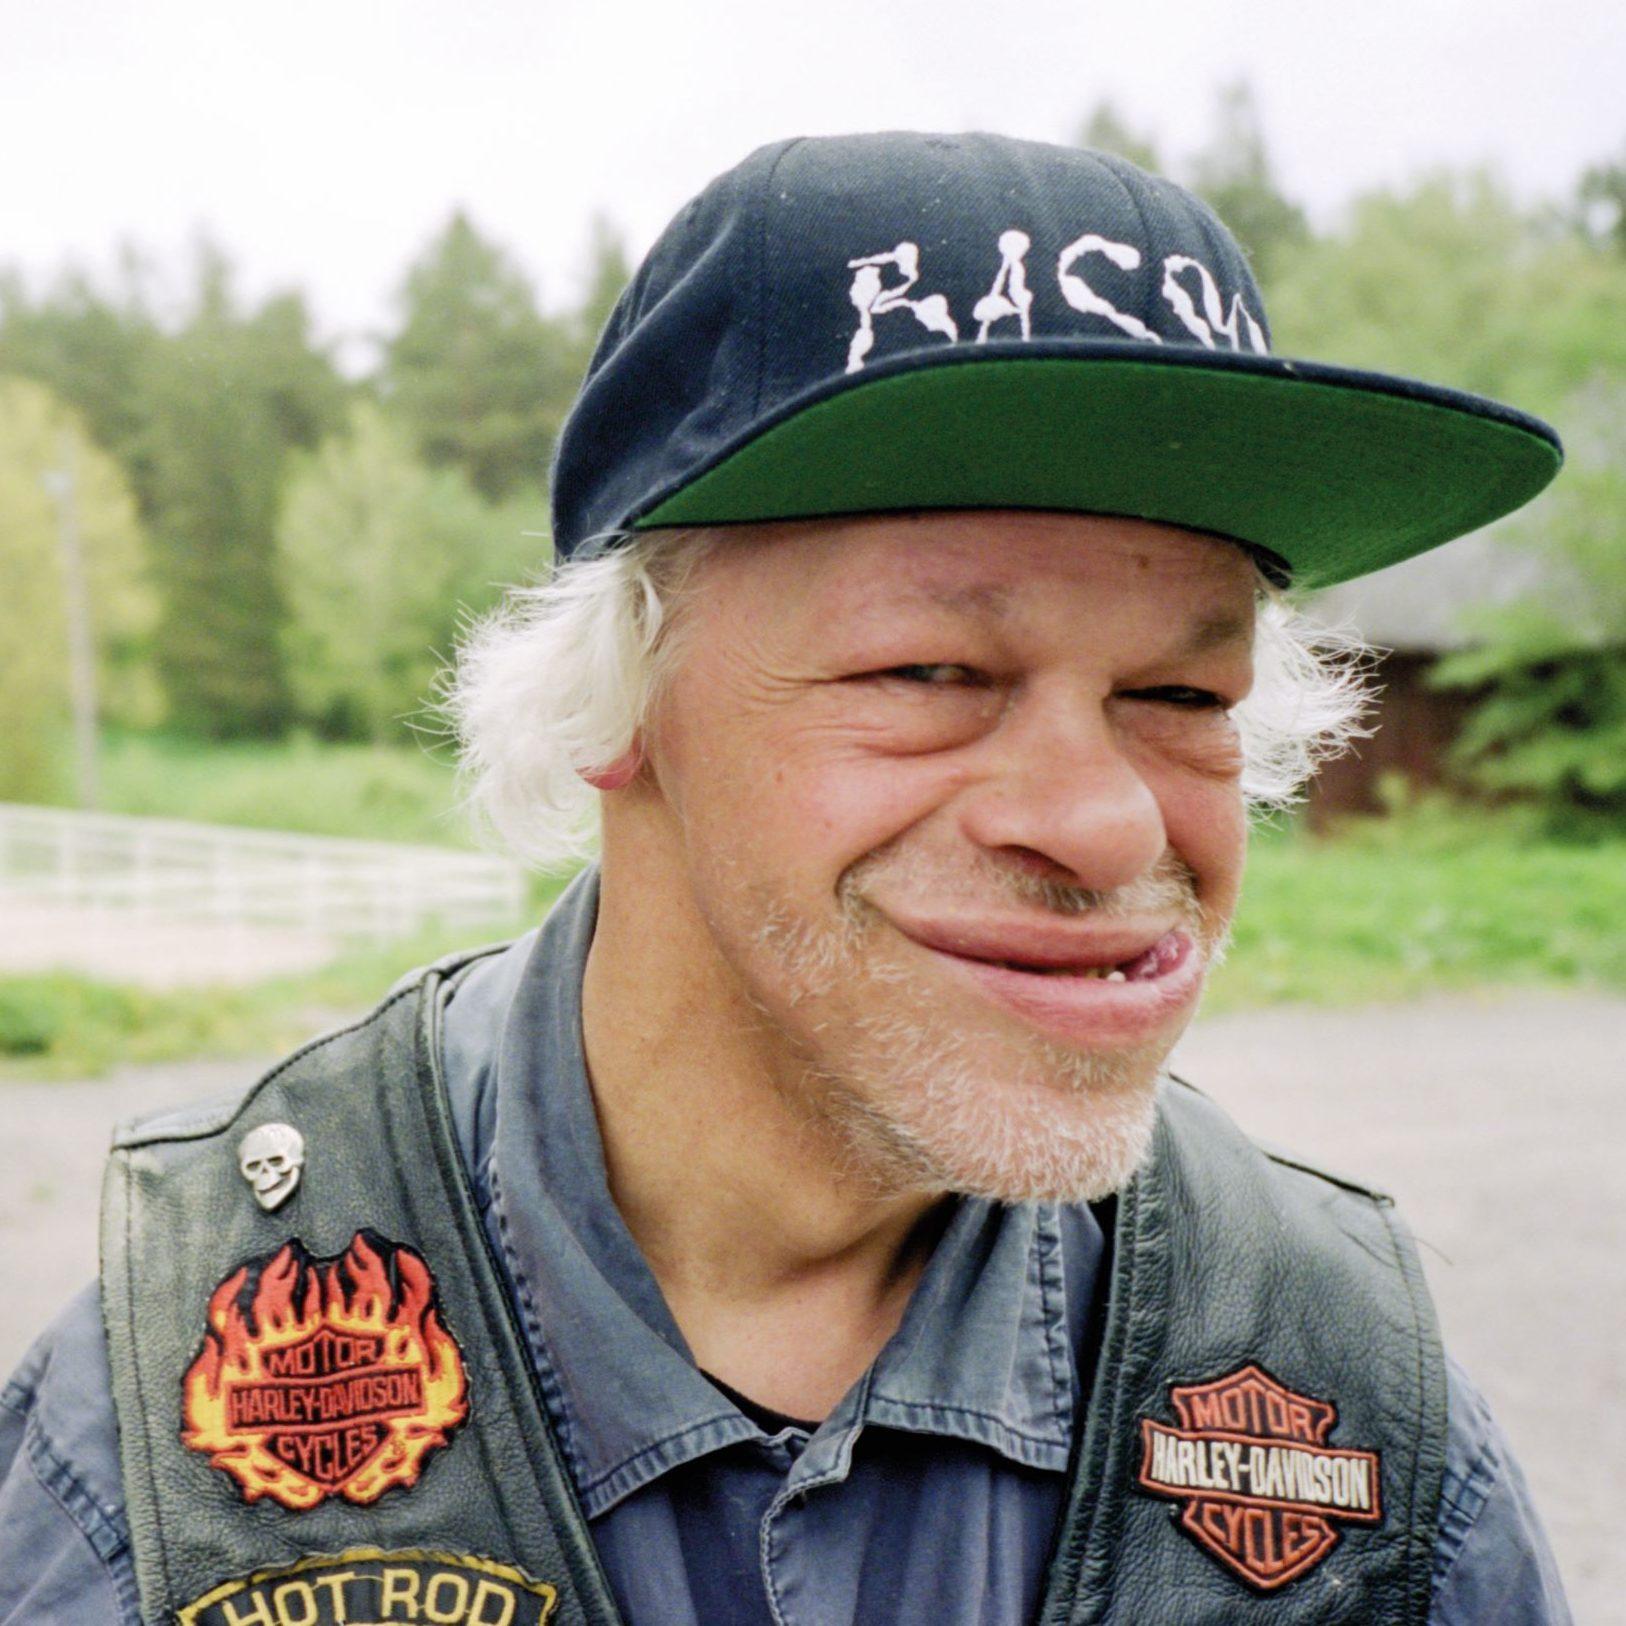 Kuvaaja: Kalle Pajamaa